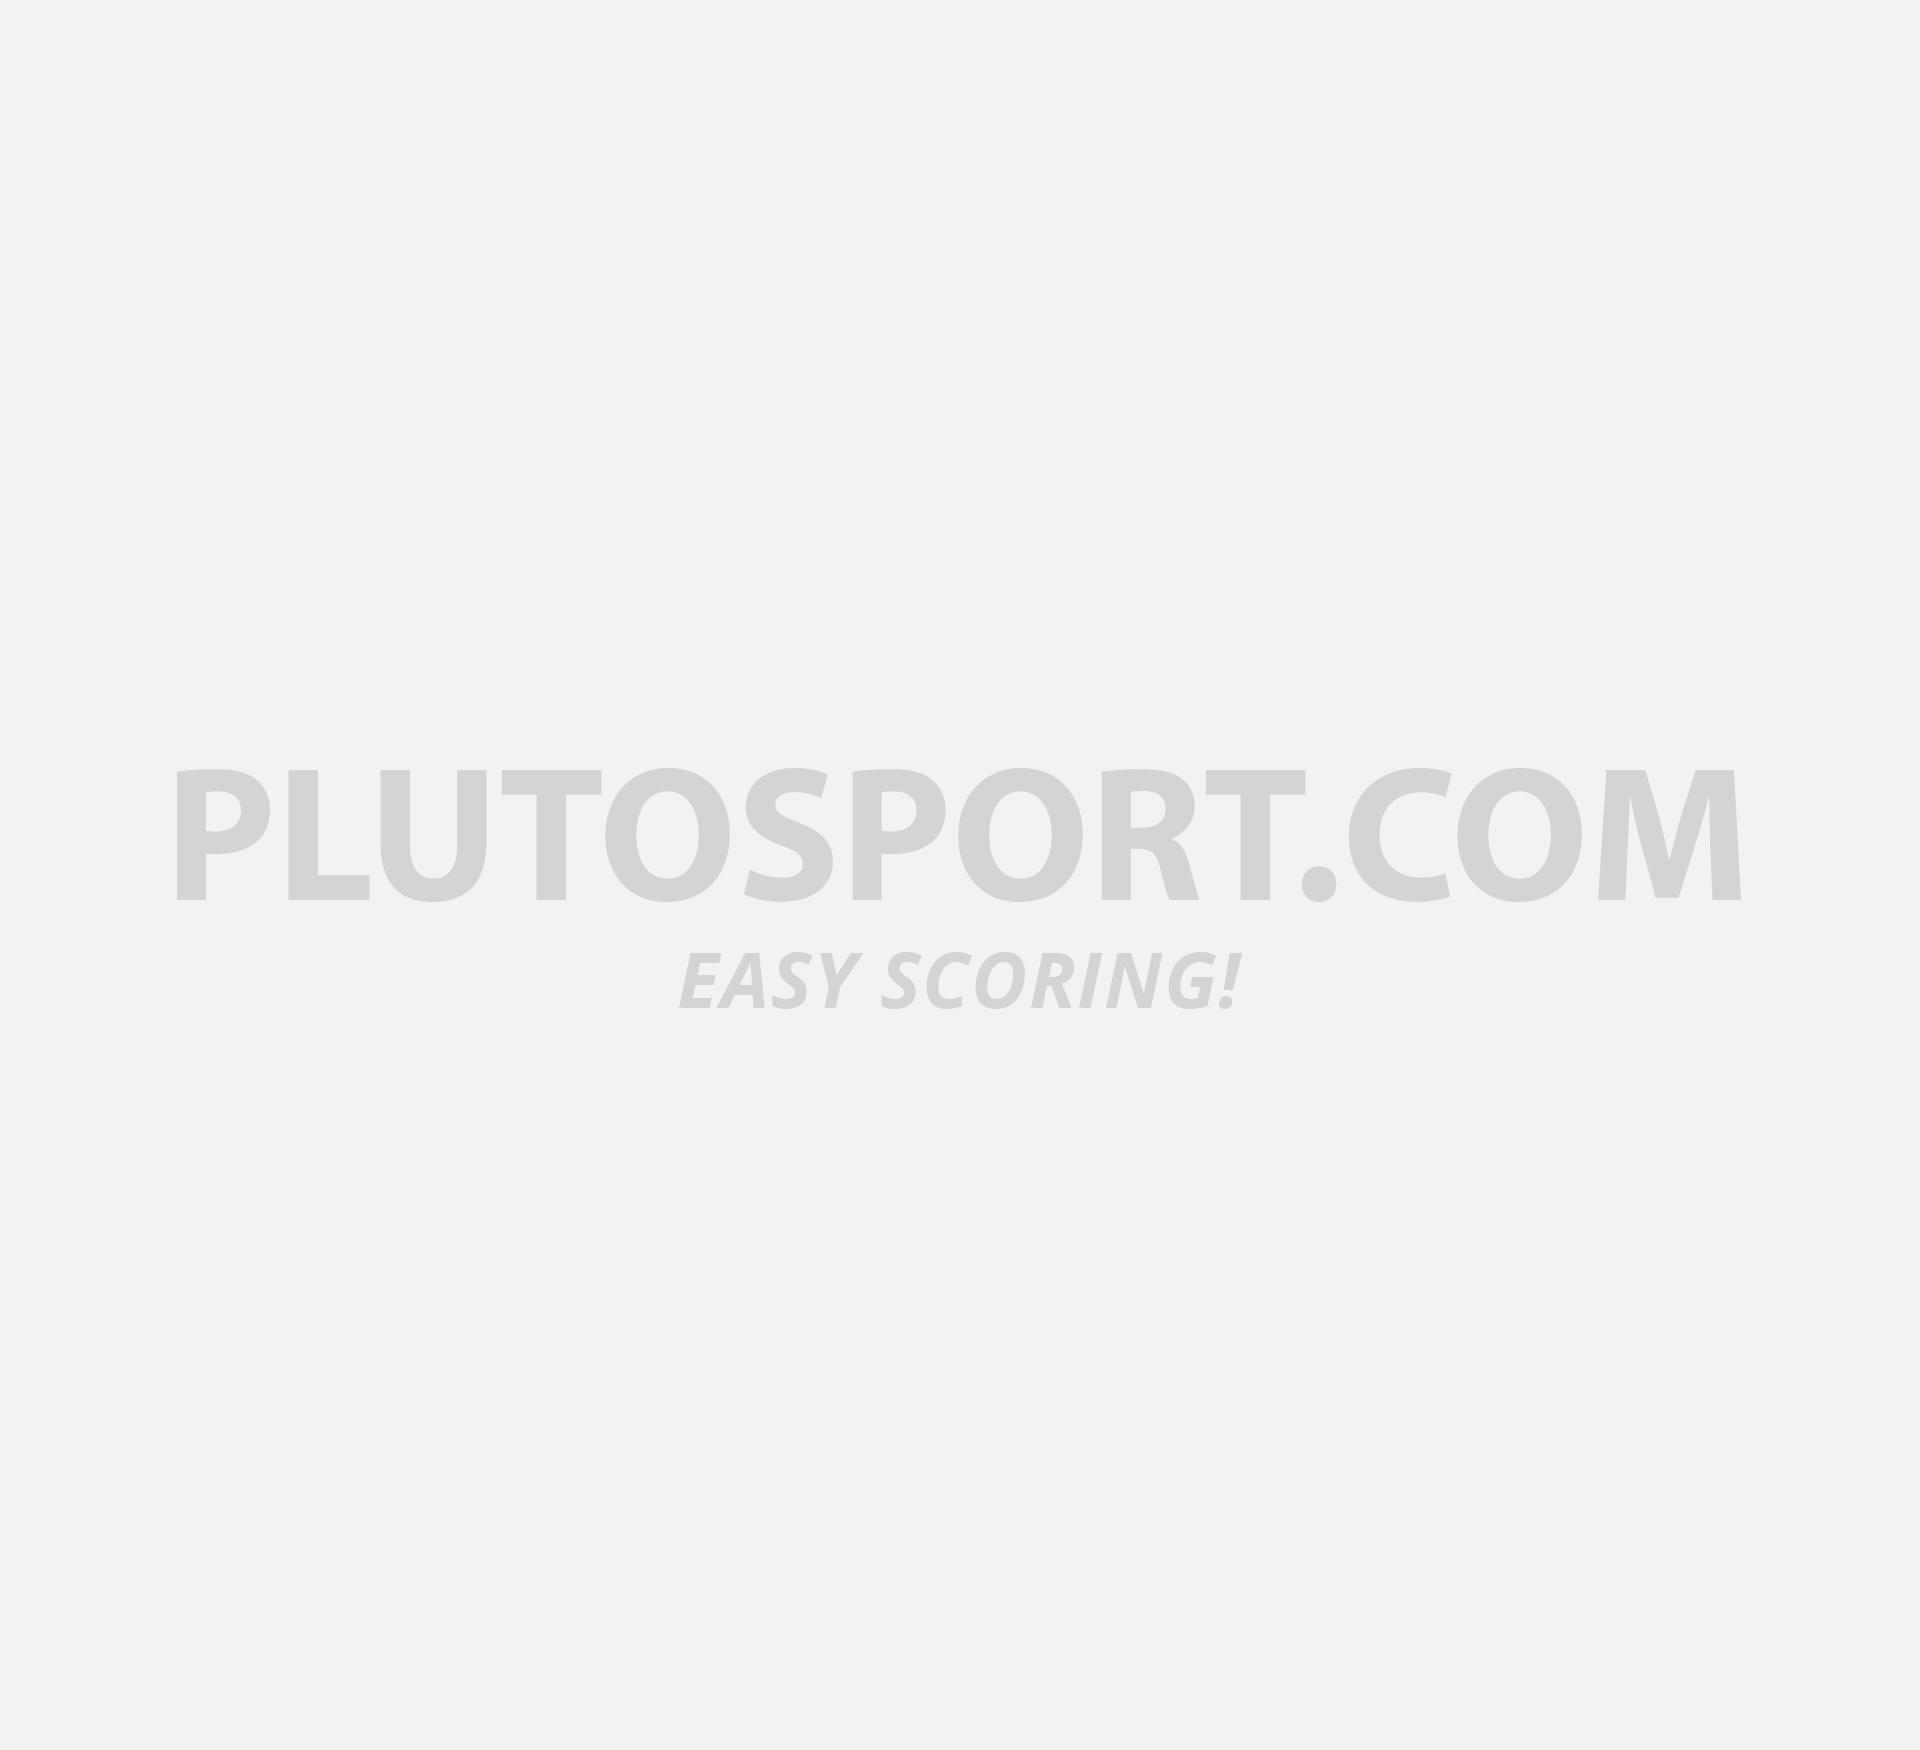 1c4482744562c8 Nike AW84 Running Cap - Caps - Accessories - Running - Sports | Plutosport